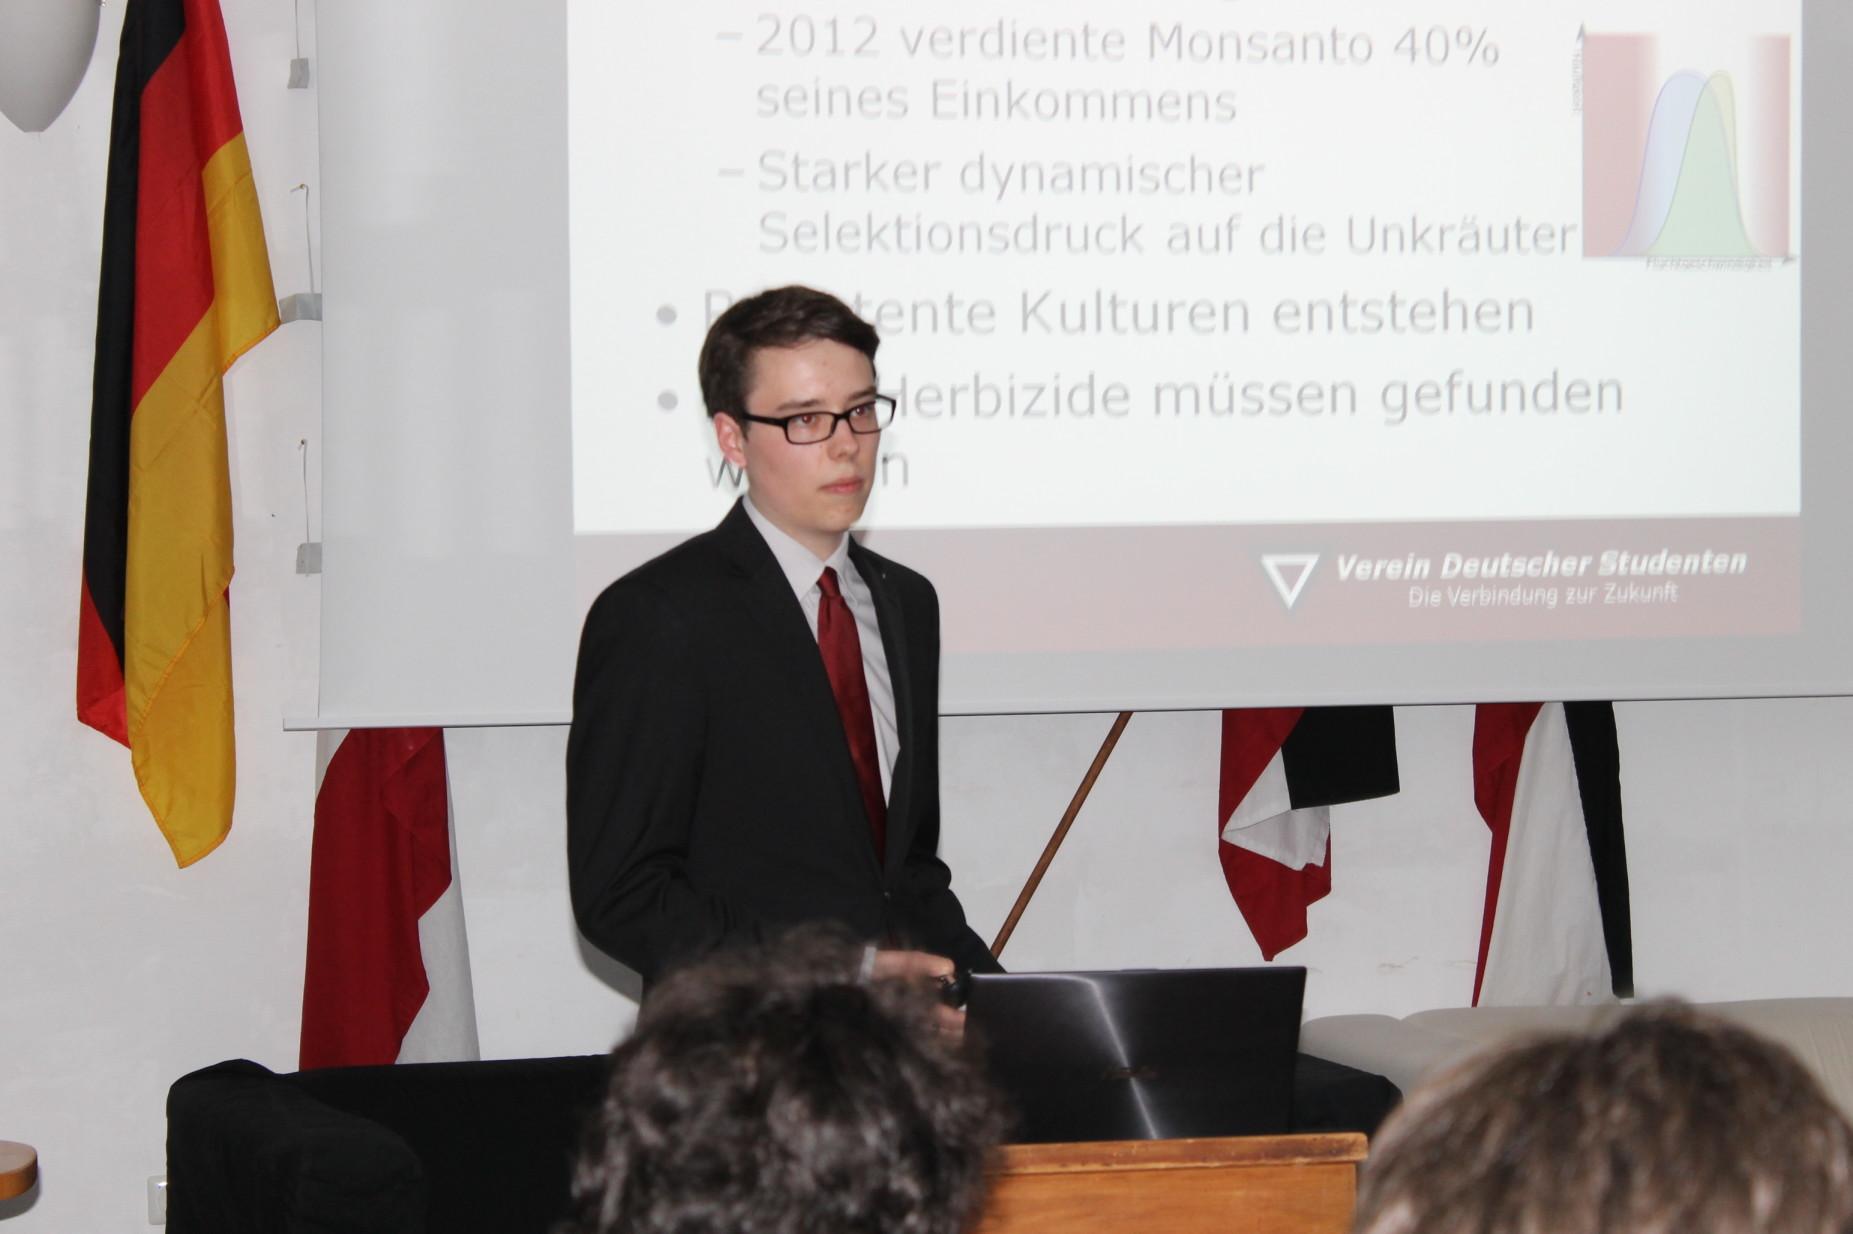 Burschungsvortrag zum Freihandelsabkommen von Nils Froleyks